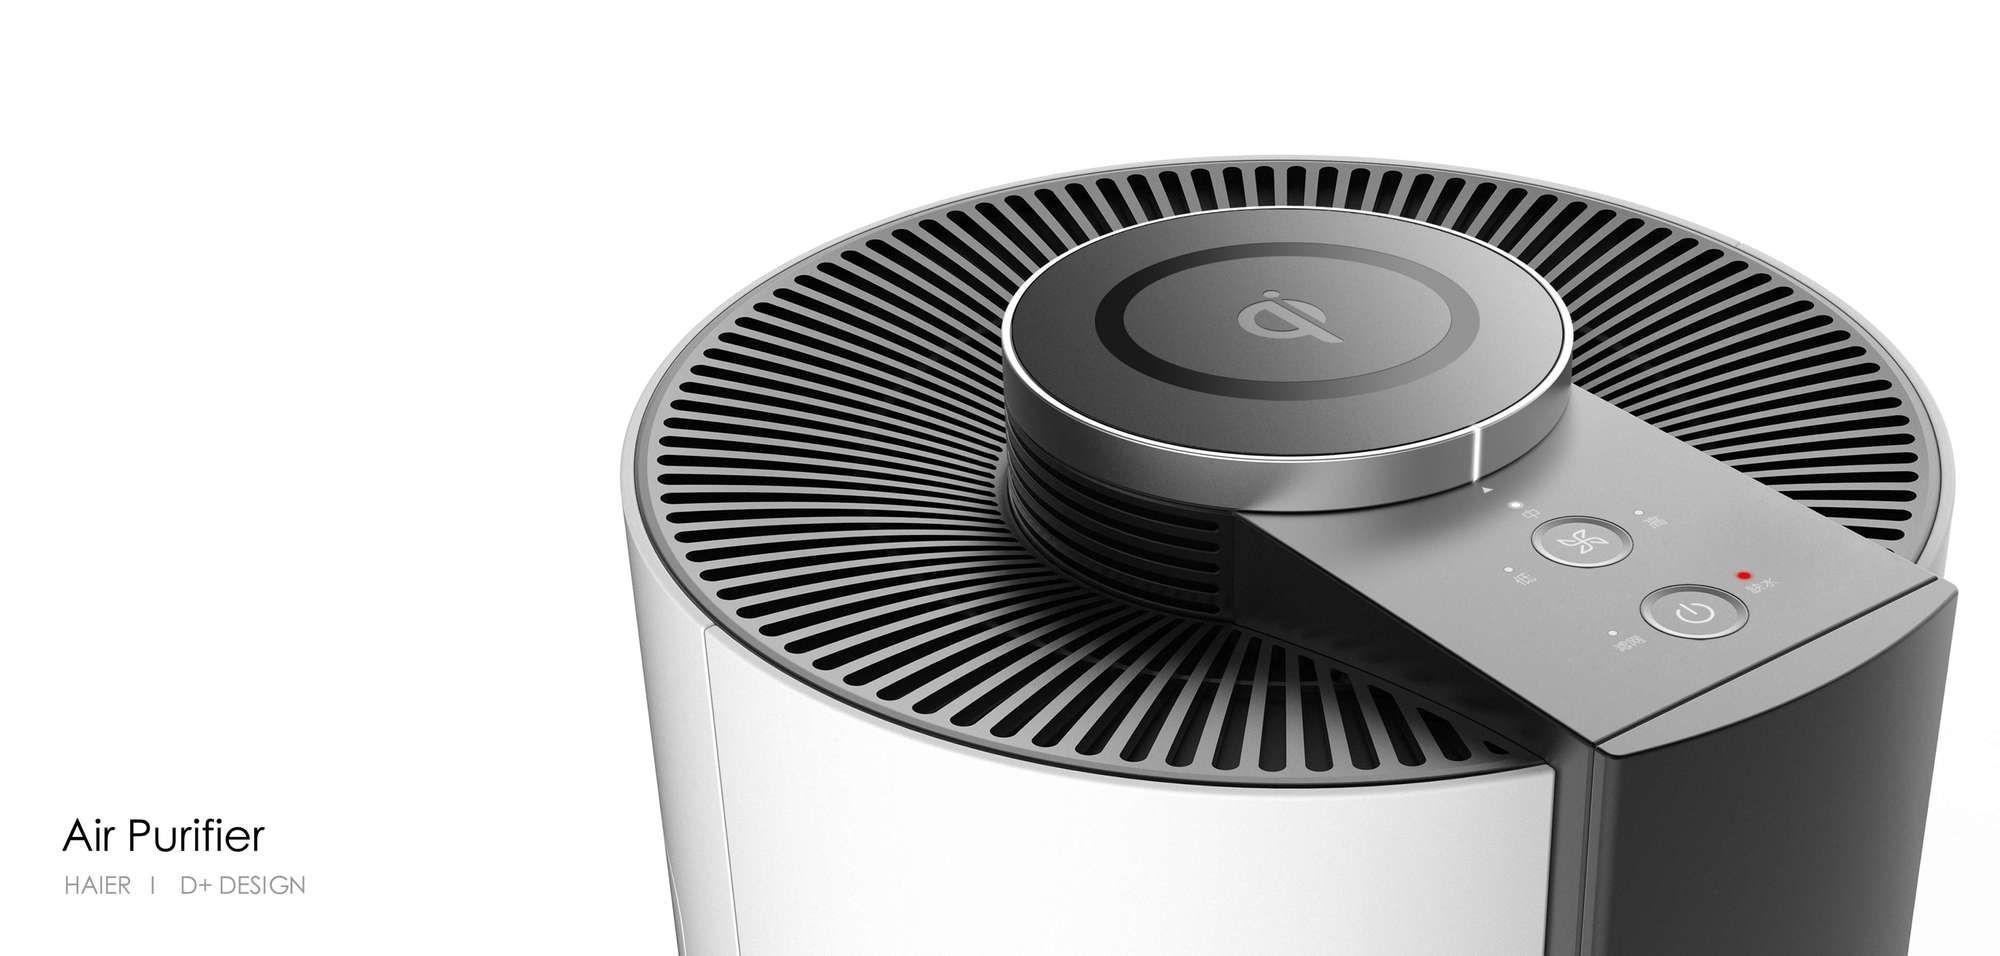 海尔空气魔方设计 上海道加创意设计有限公司 in 2020 Home appliances, Kitchen